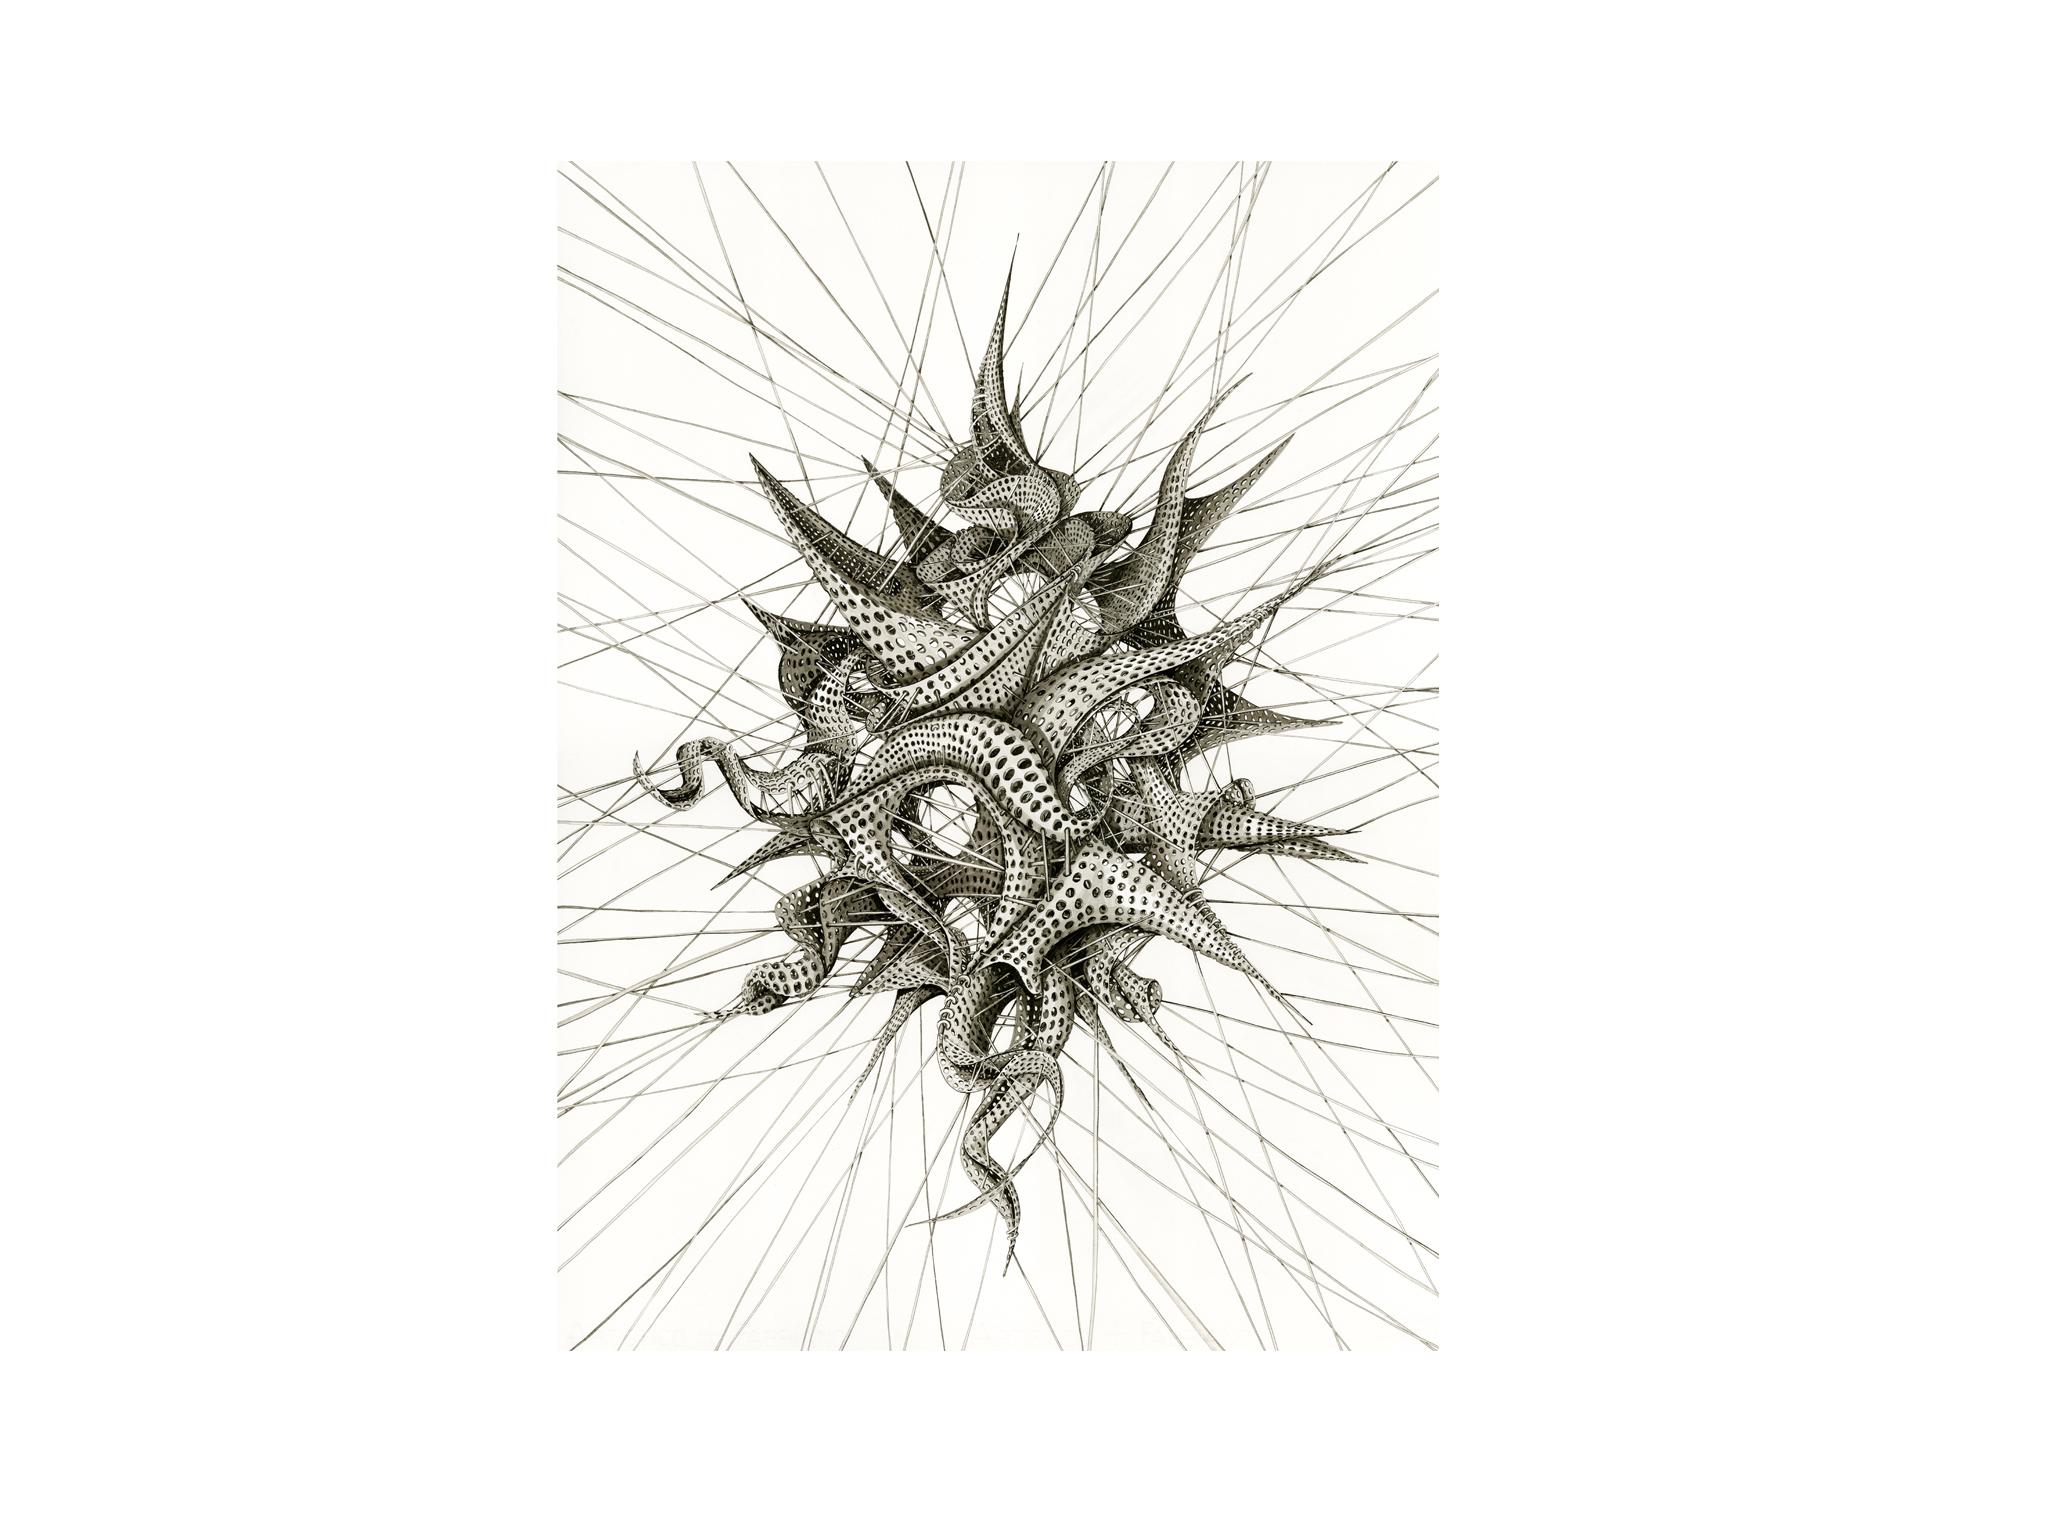 'Escher Star' by Ruth Uglow